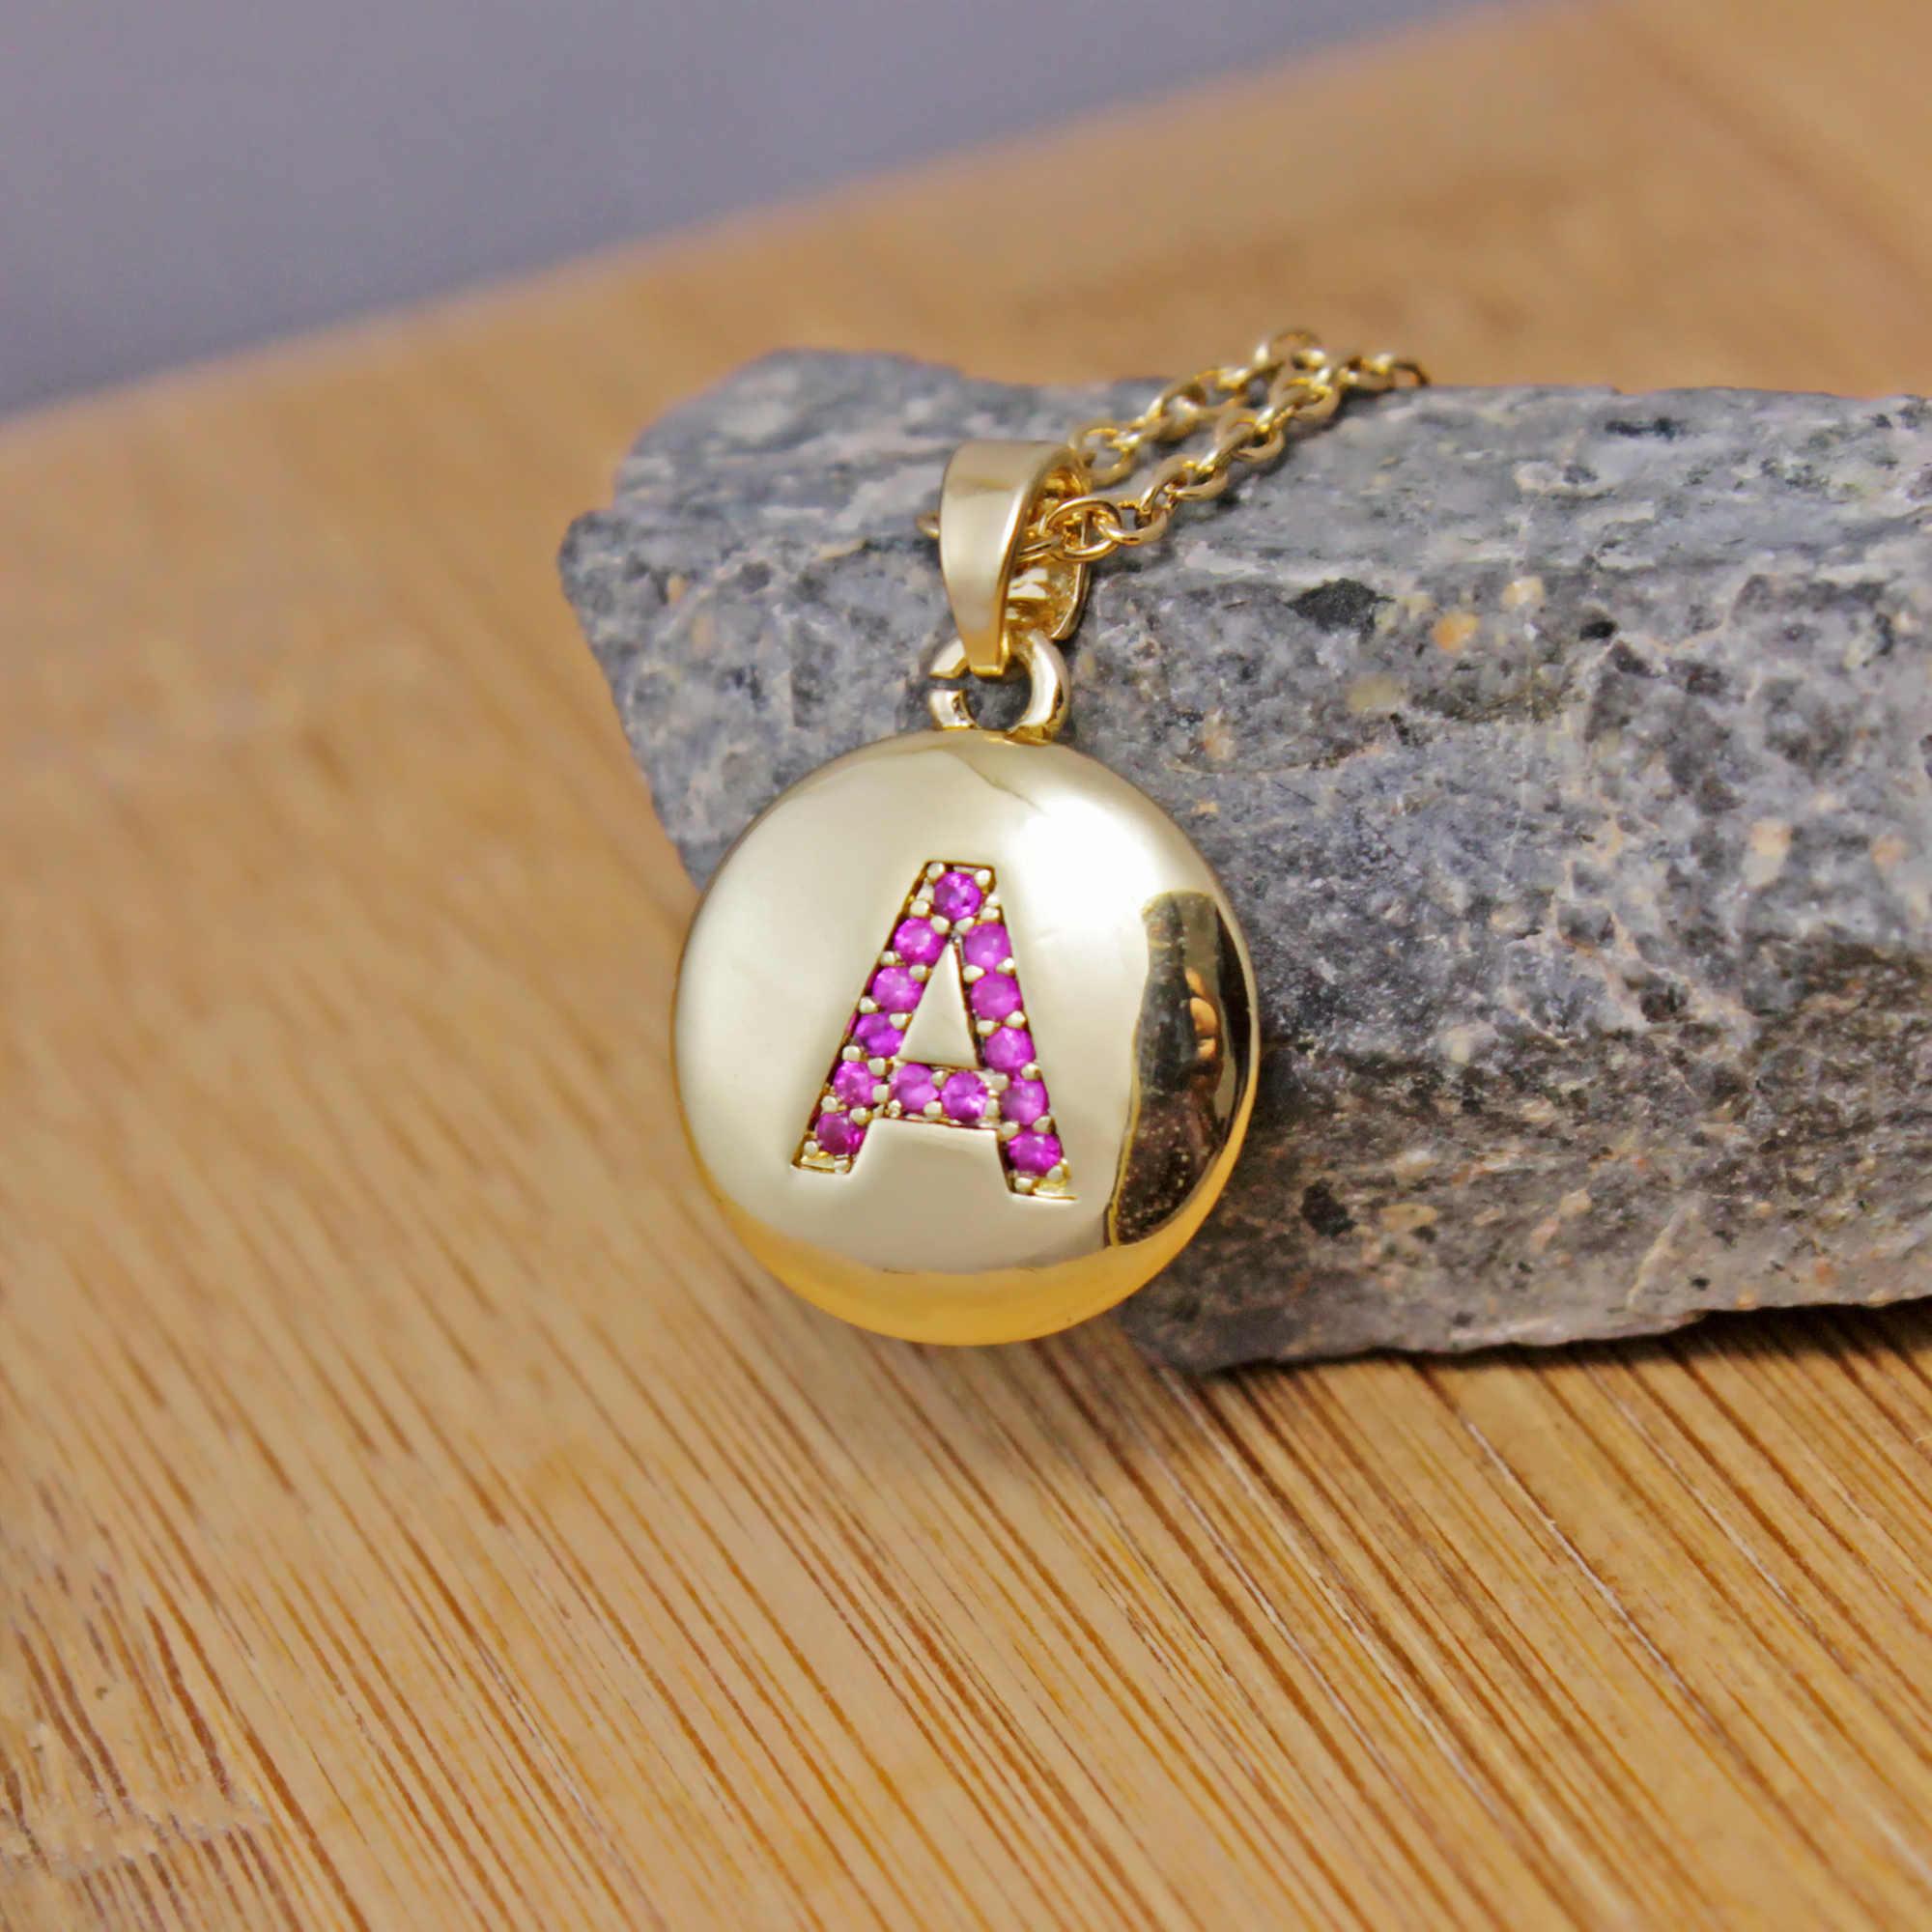 זעיר זהב ראשוני שרשרת זהב מכתב שרשרת ראשי תיבות שם שרשראות אישית תליון לנשים בנות הטוב ביותר מתנת יום הולדת